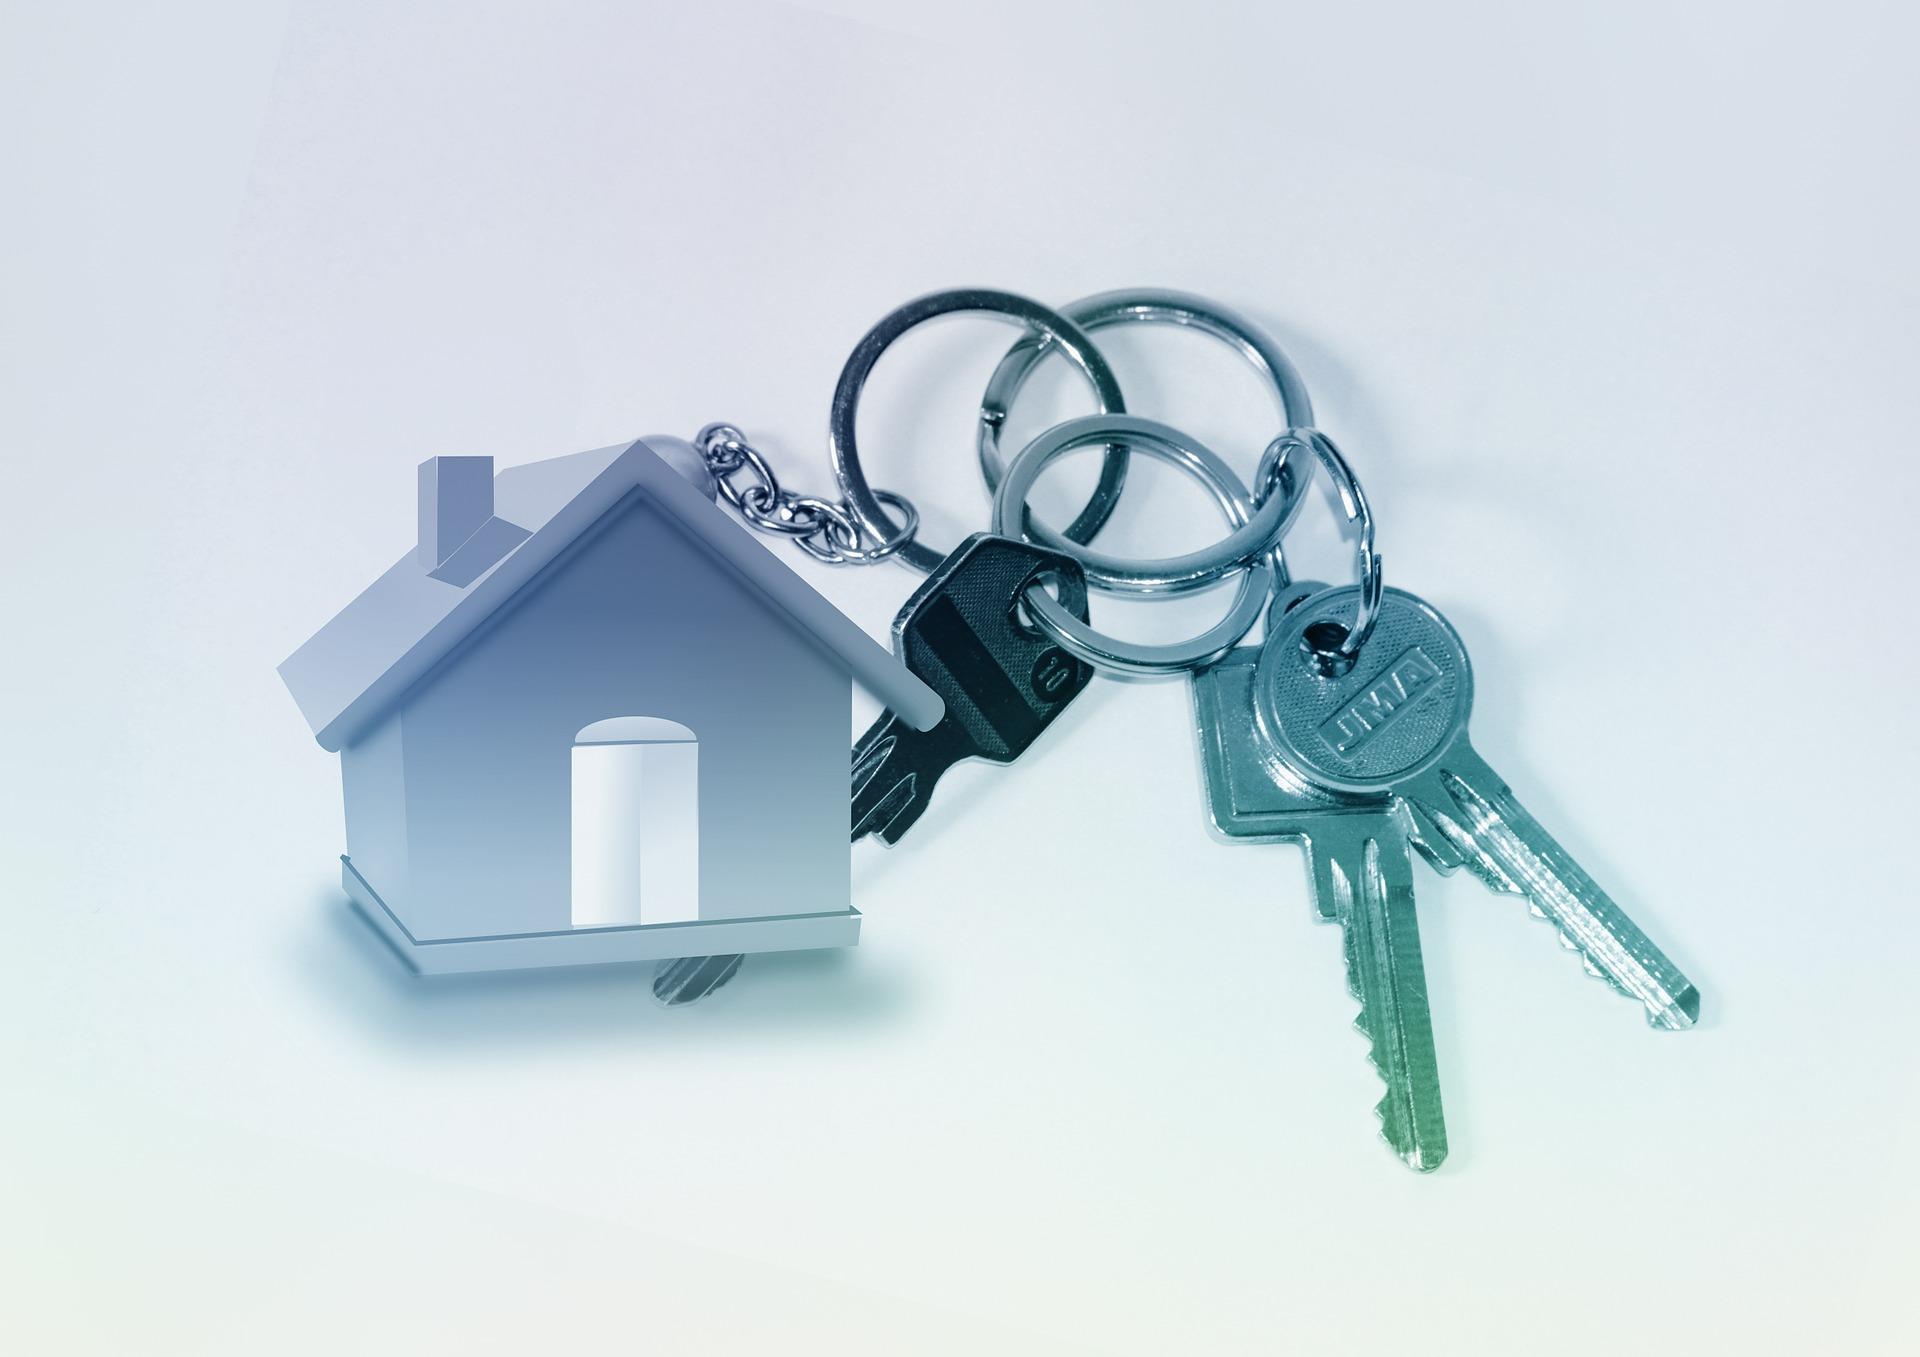 Wkład własny przy zaciąganiu kredytu hipotecznego